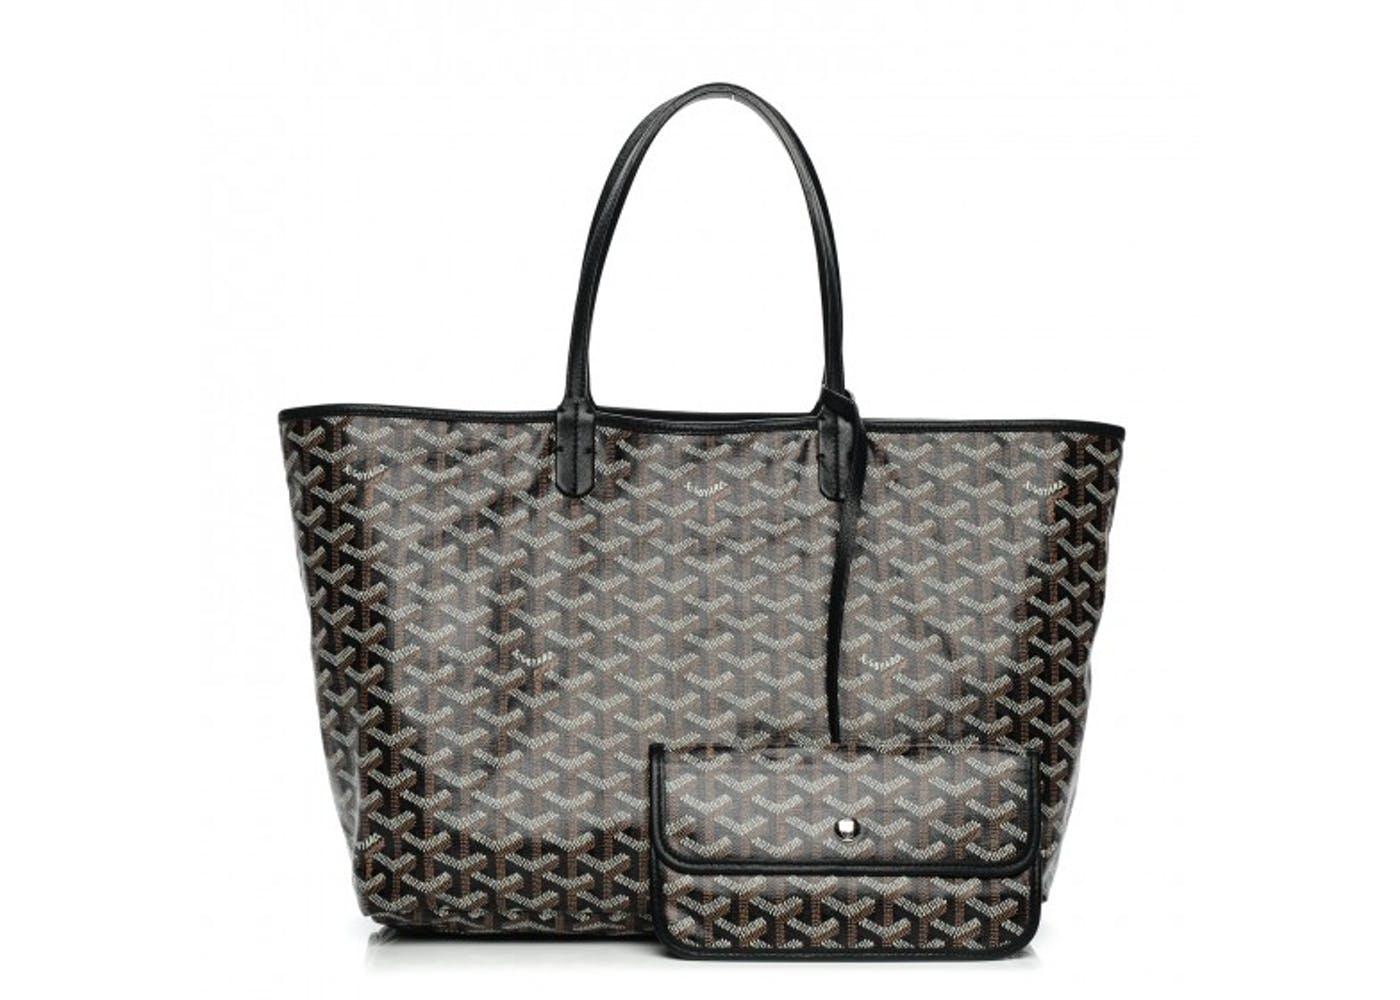 Goyard Bags 2014